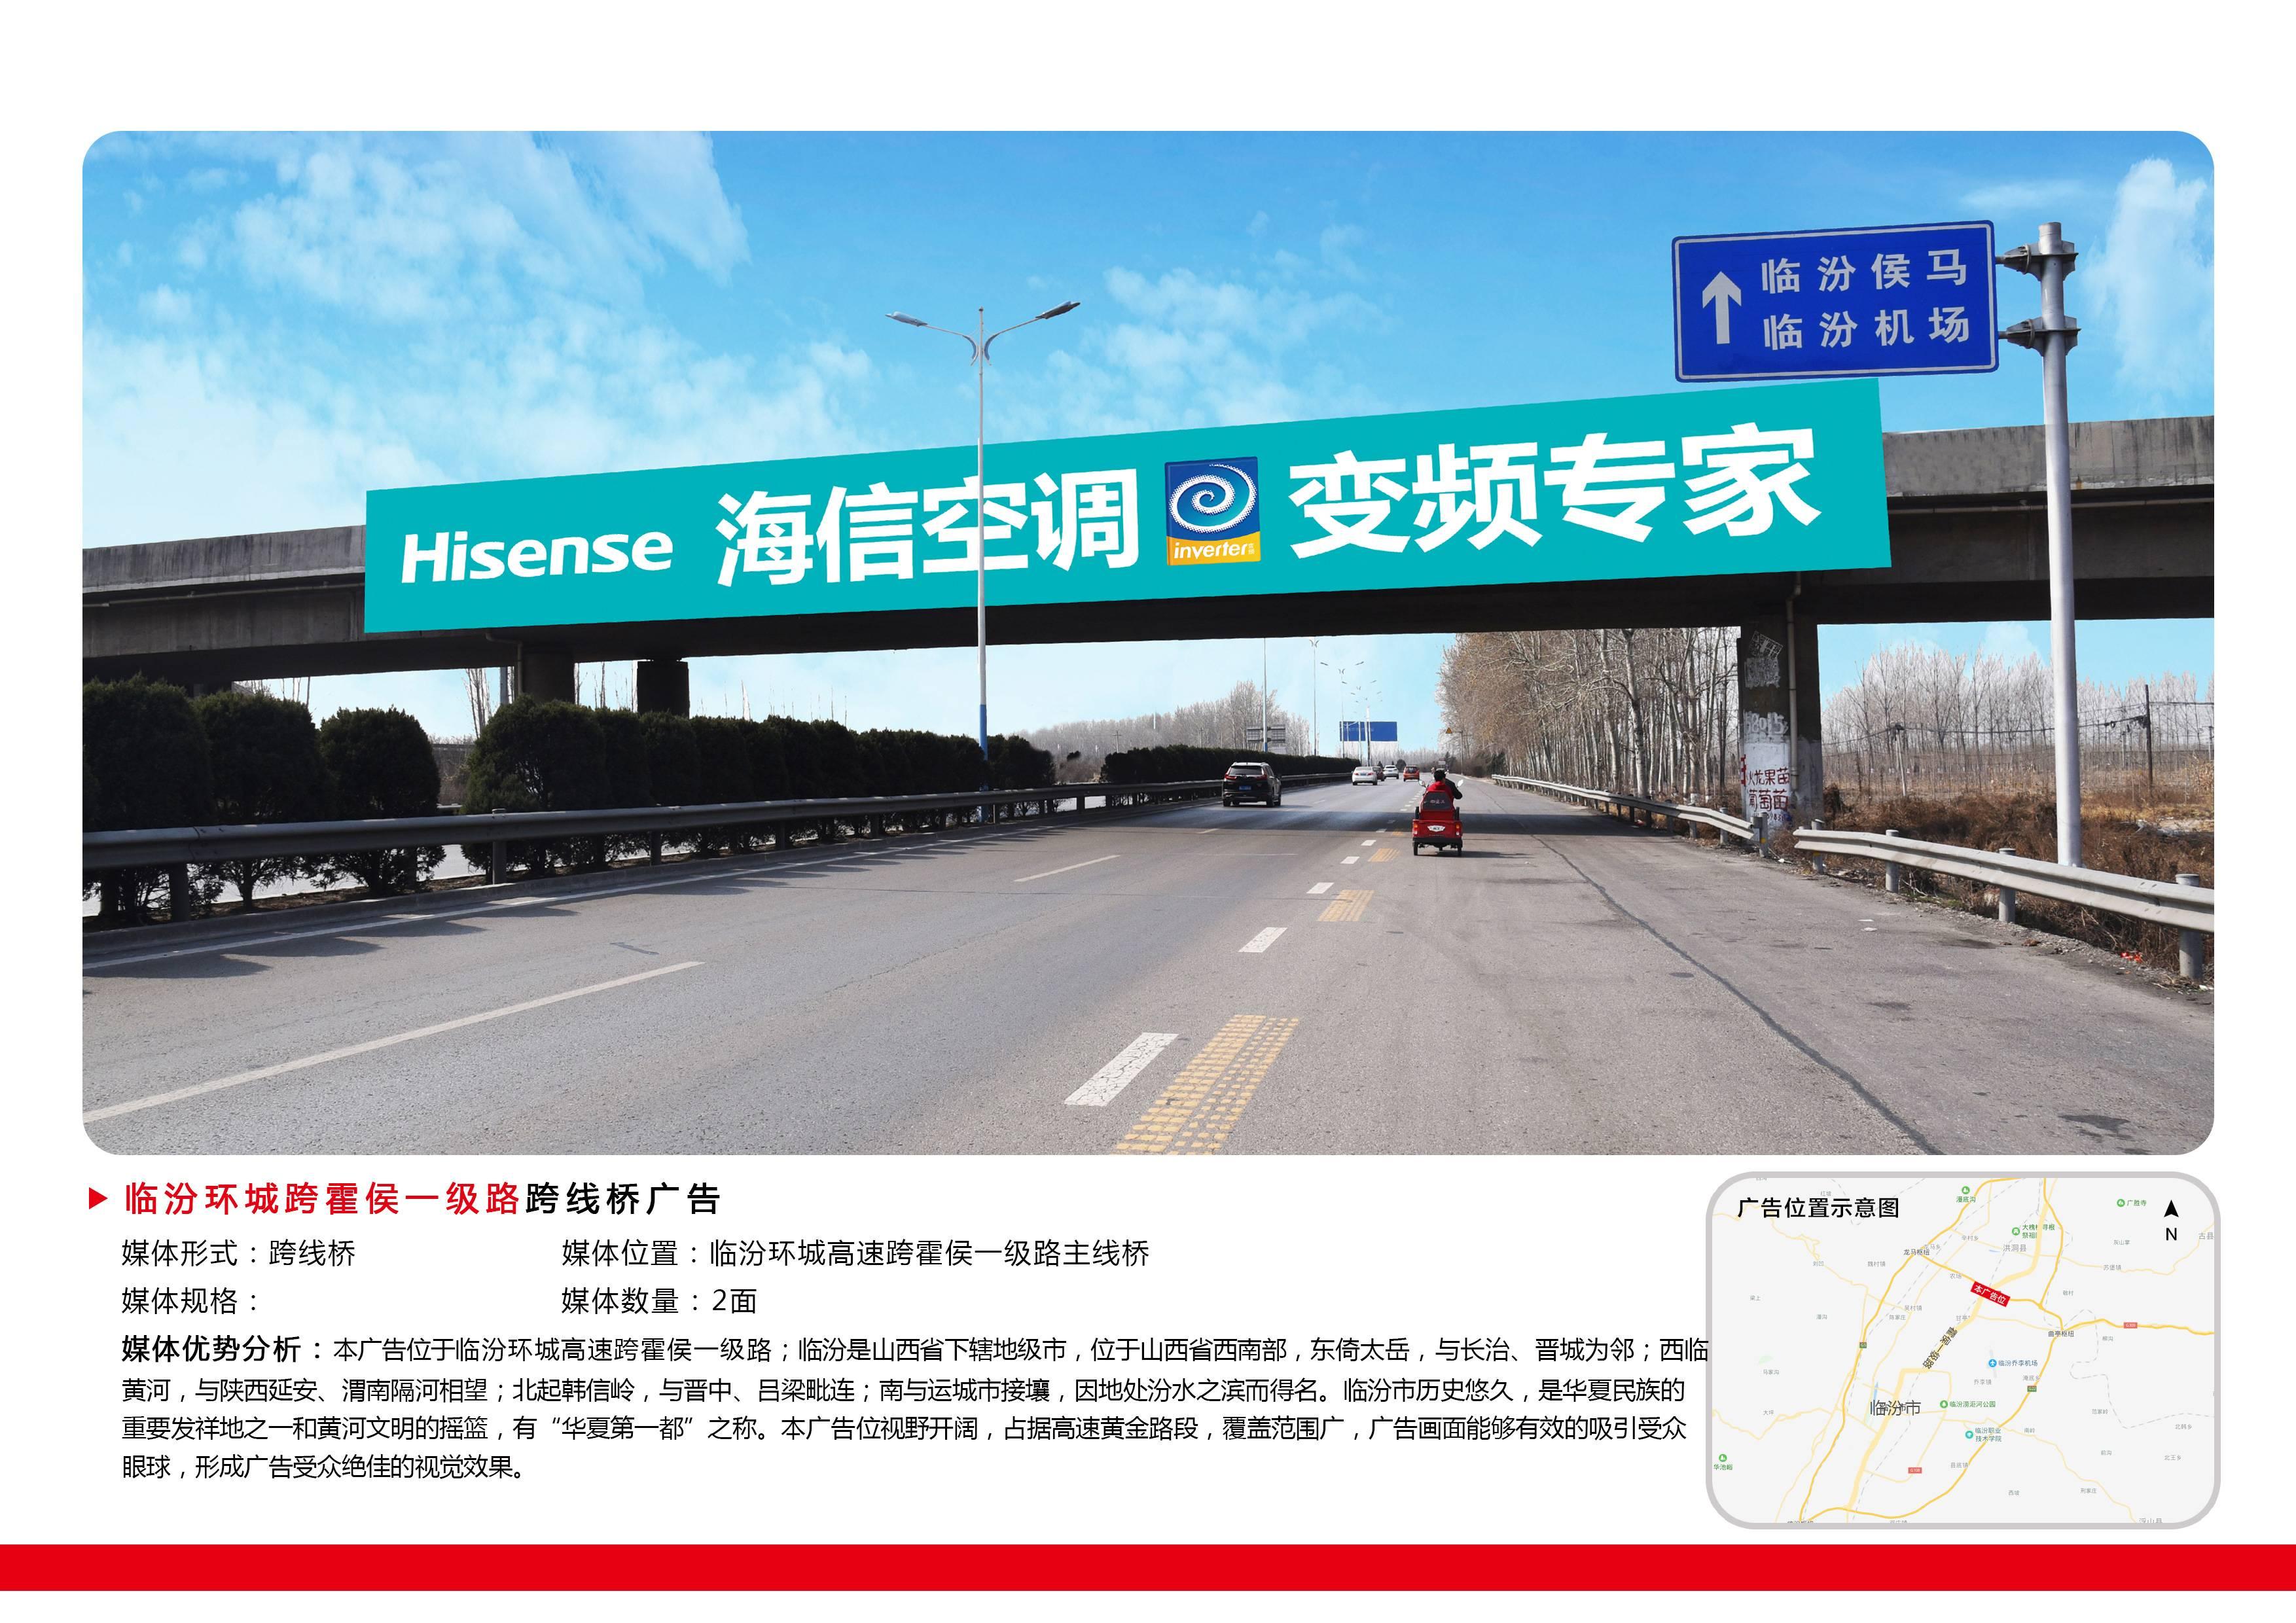 山西临汾环城高速路牌跨桥广告